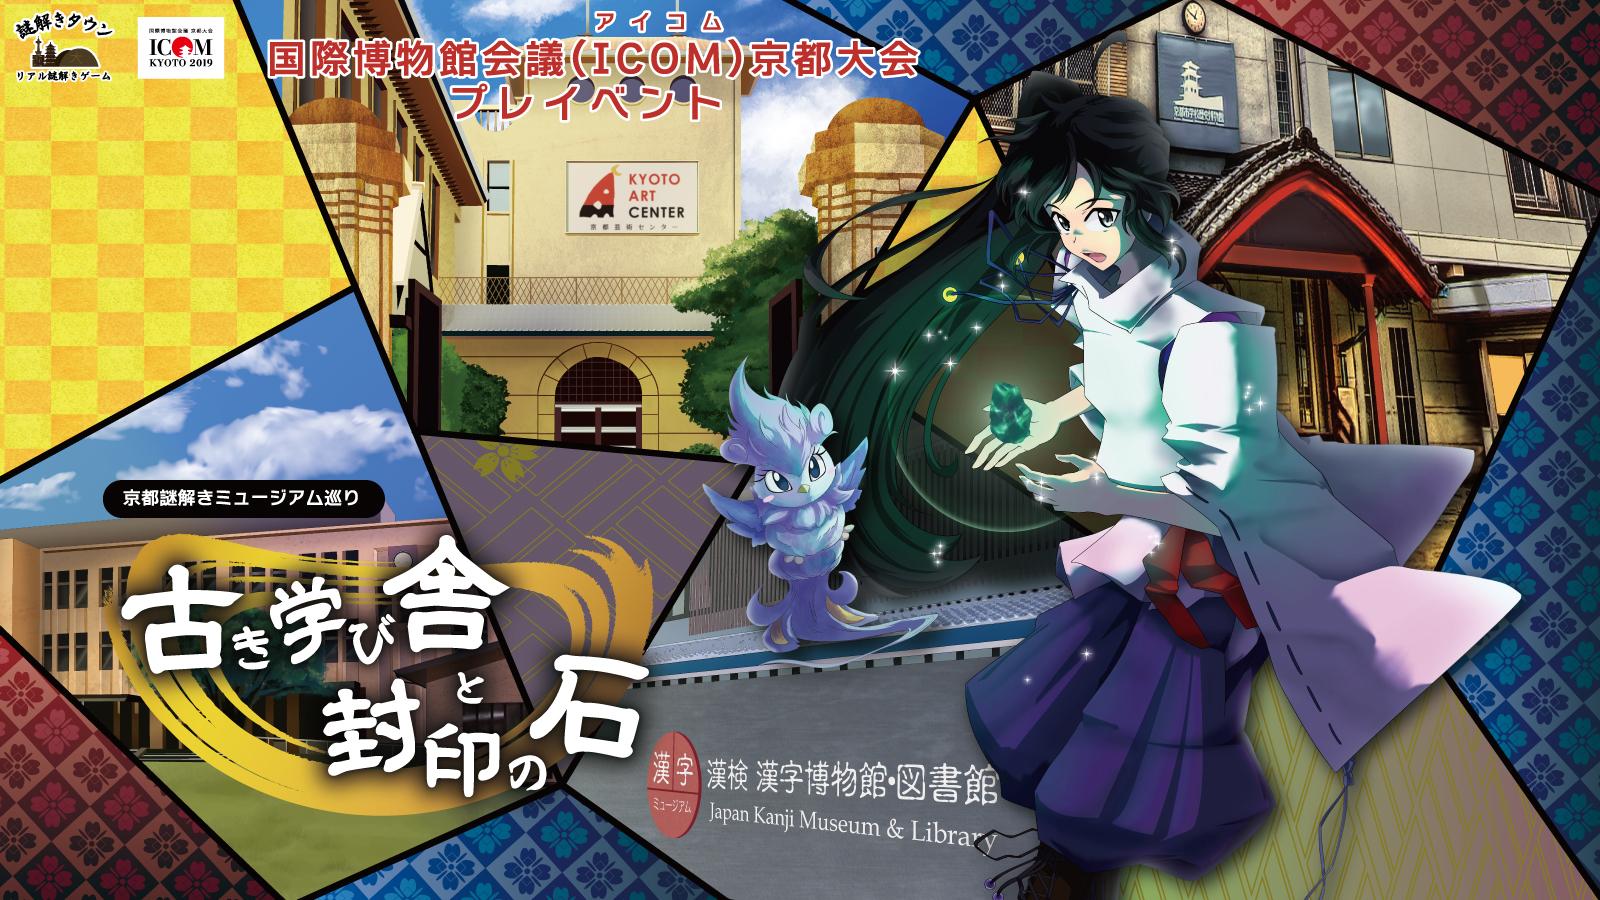 ファンタジーストーリーの謎解きイベントは、京都の人気ミュージアム4館が舞台